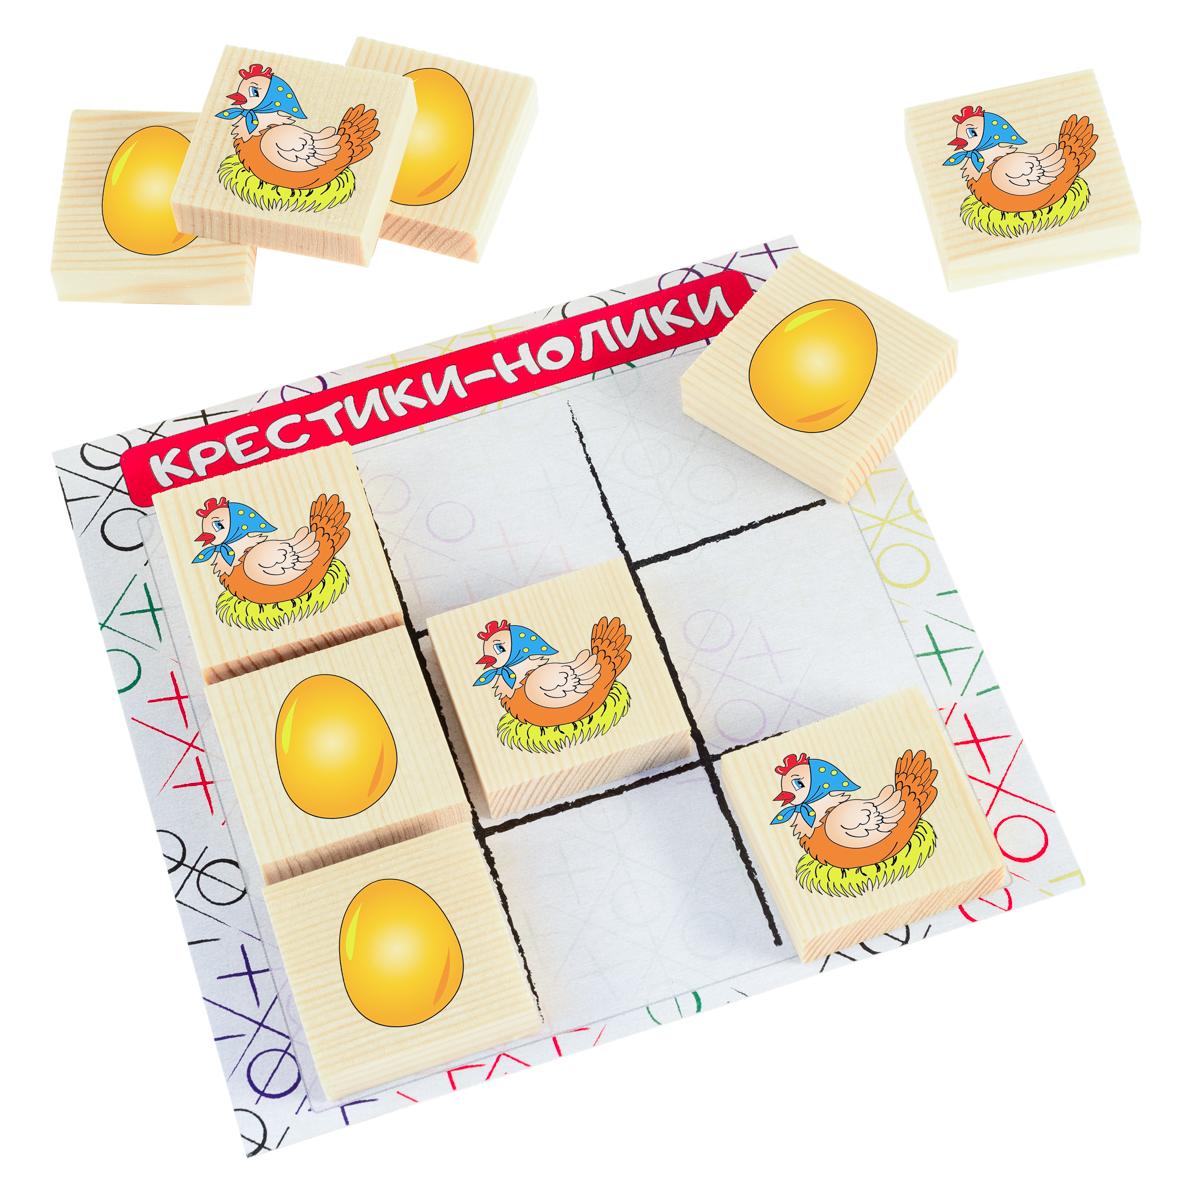 Развивающие деревянные игрушки Обучающая игра Крестики-нолики Курочка и яичко развивающие деревянные игрушки обучающая игра крестики нолики классика